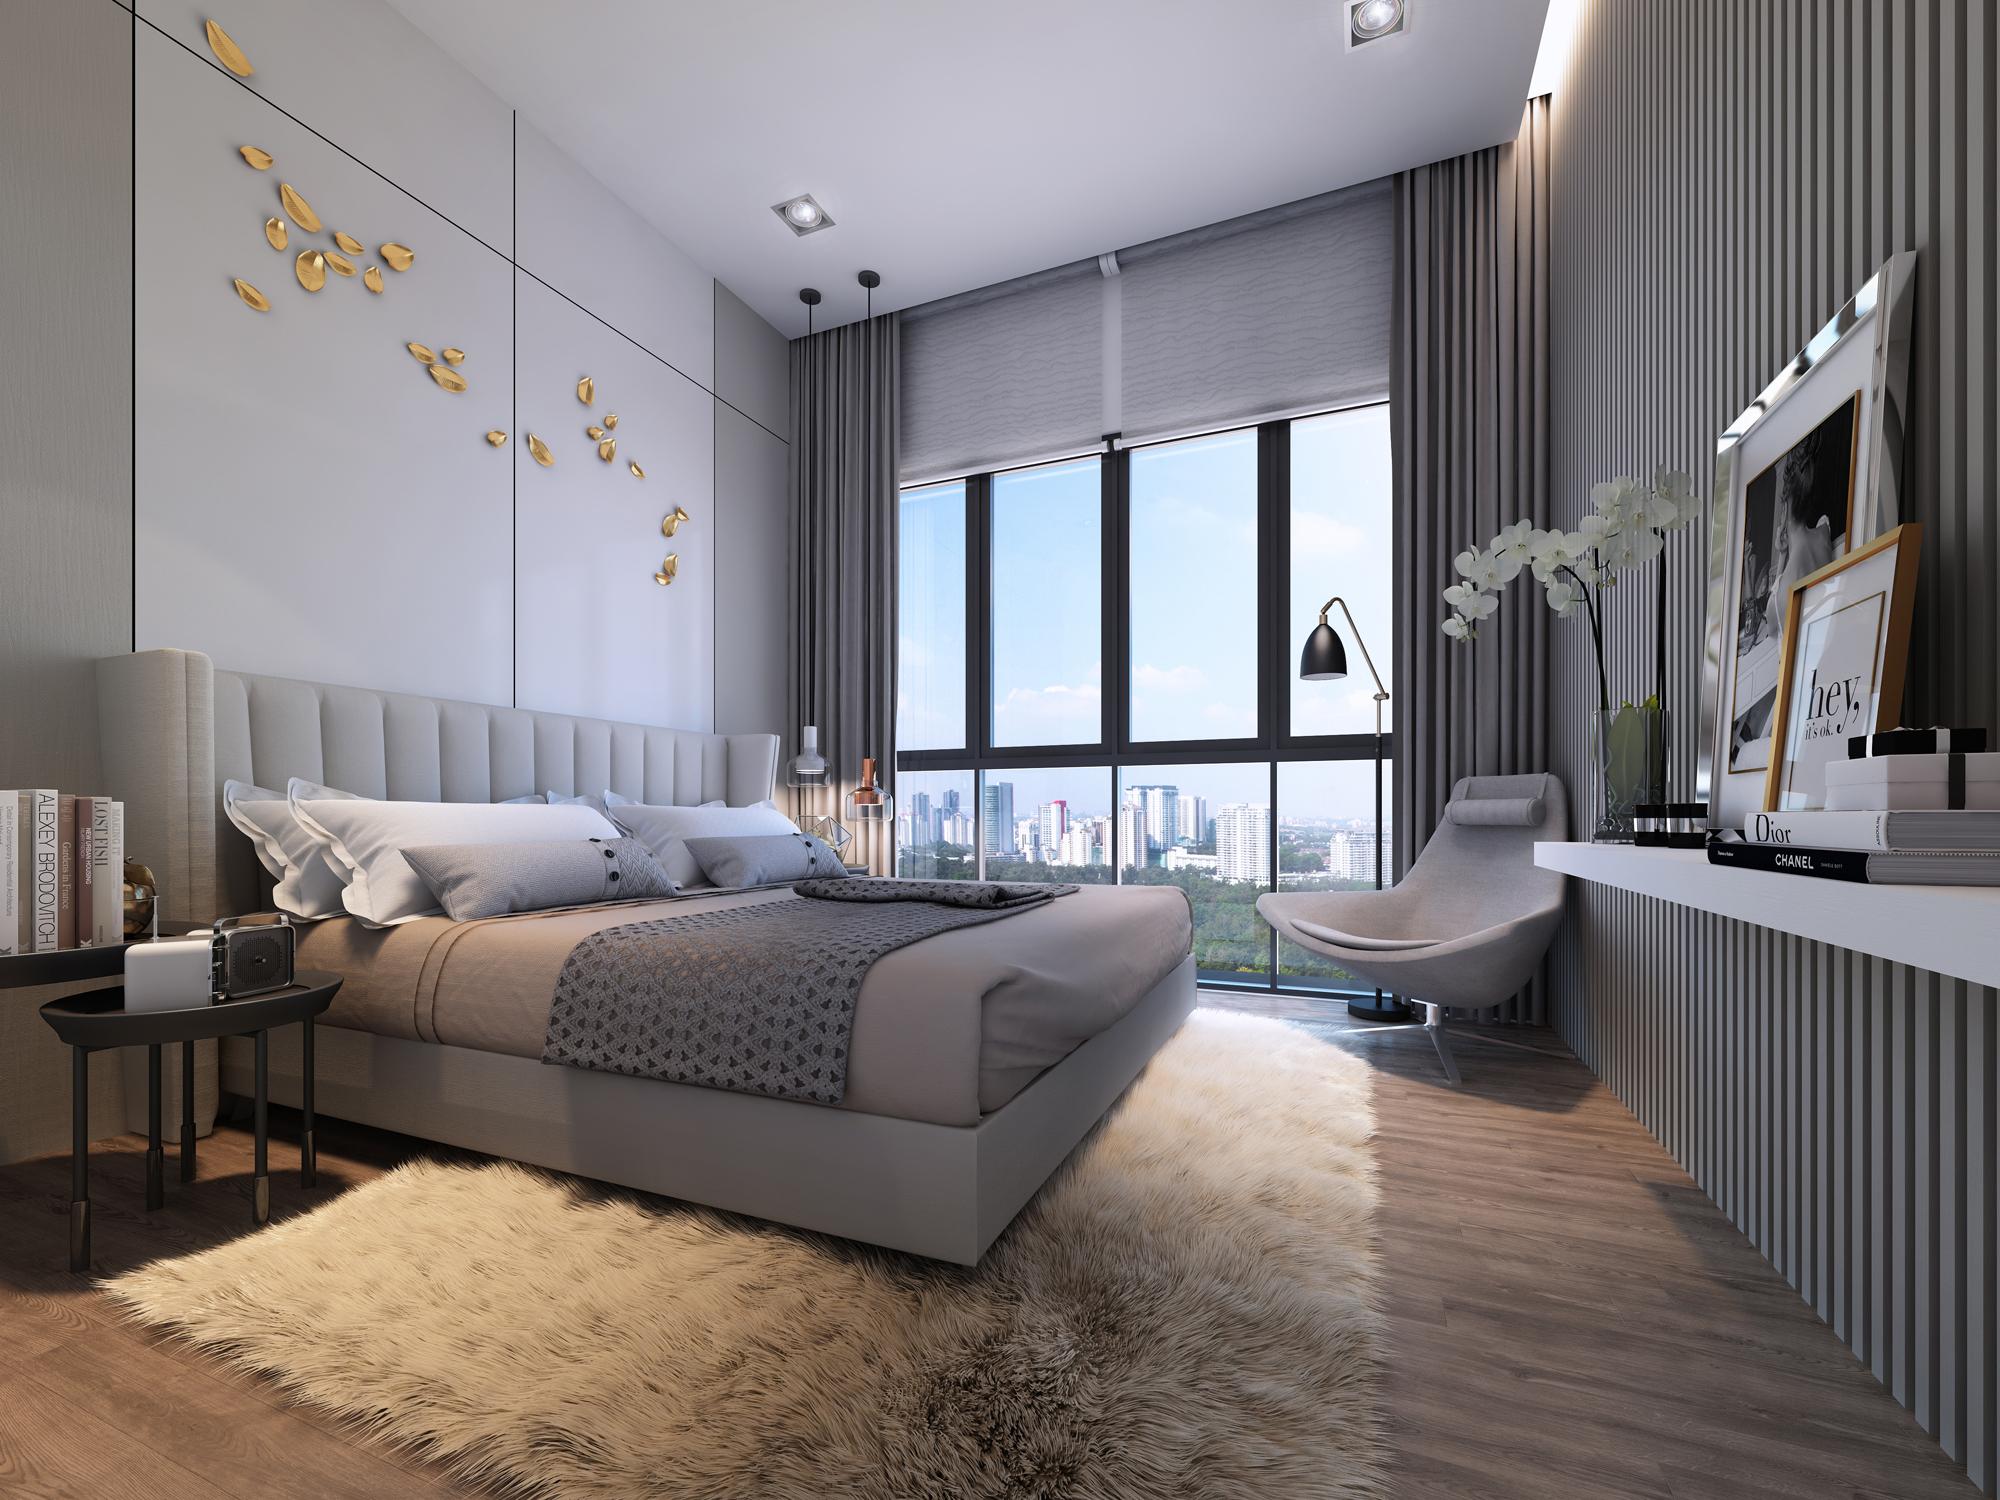 17 - Bedroom 3 - 02H